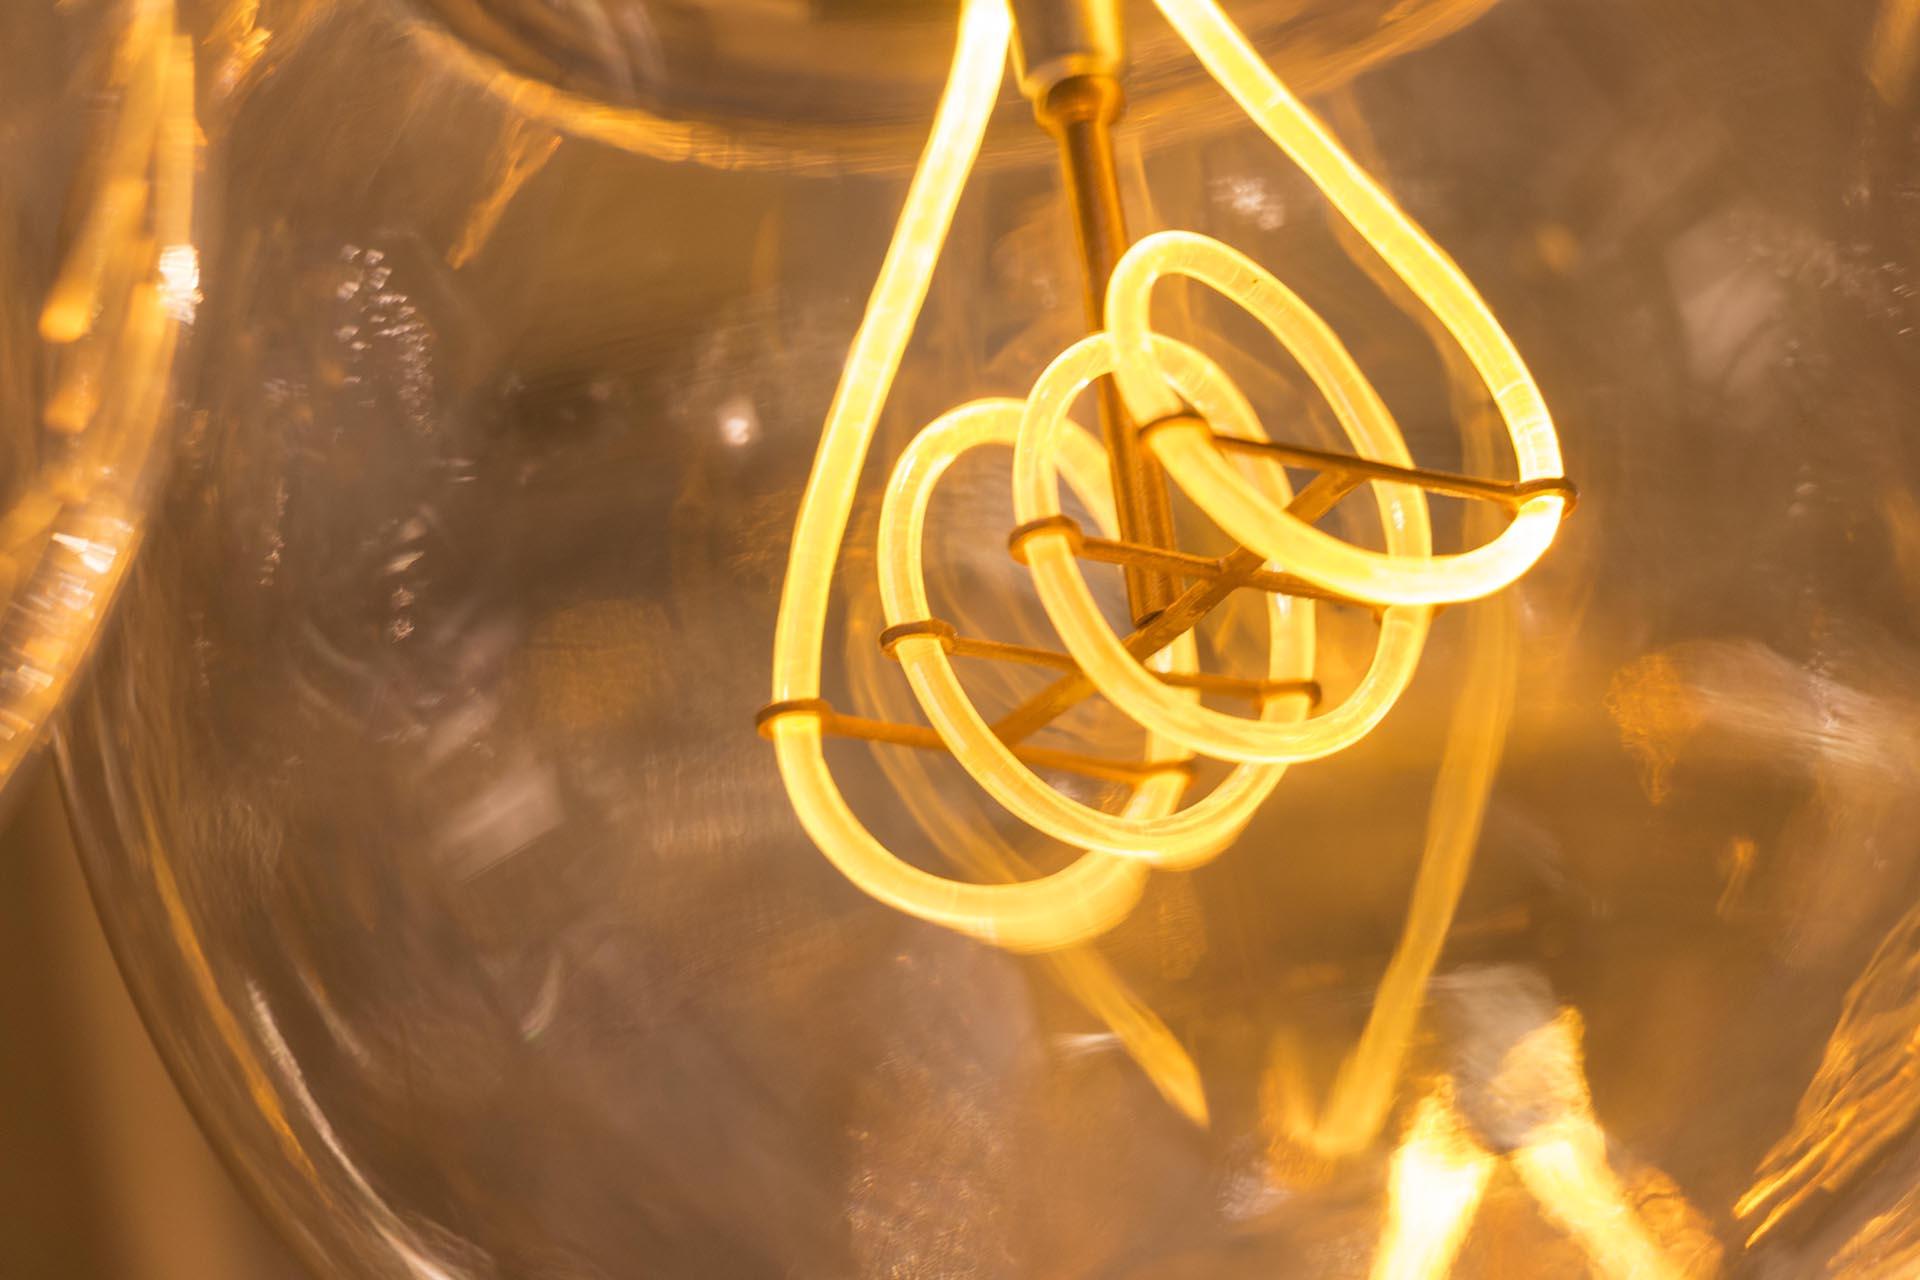 Diverse Fabrikanten Proberen Al Langer LED Lampen Met Zou0027n Uitstraling Te  Maken. Doorgaans Door Een Gloeidraad Te Maken Van Heel Veel, Hele Kleine  LEDu0027s.